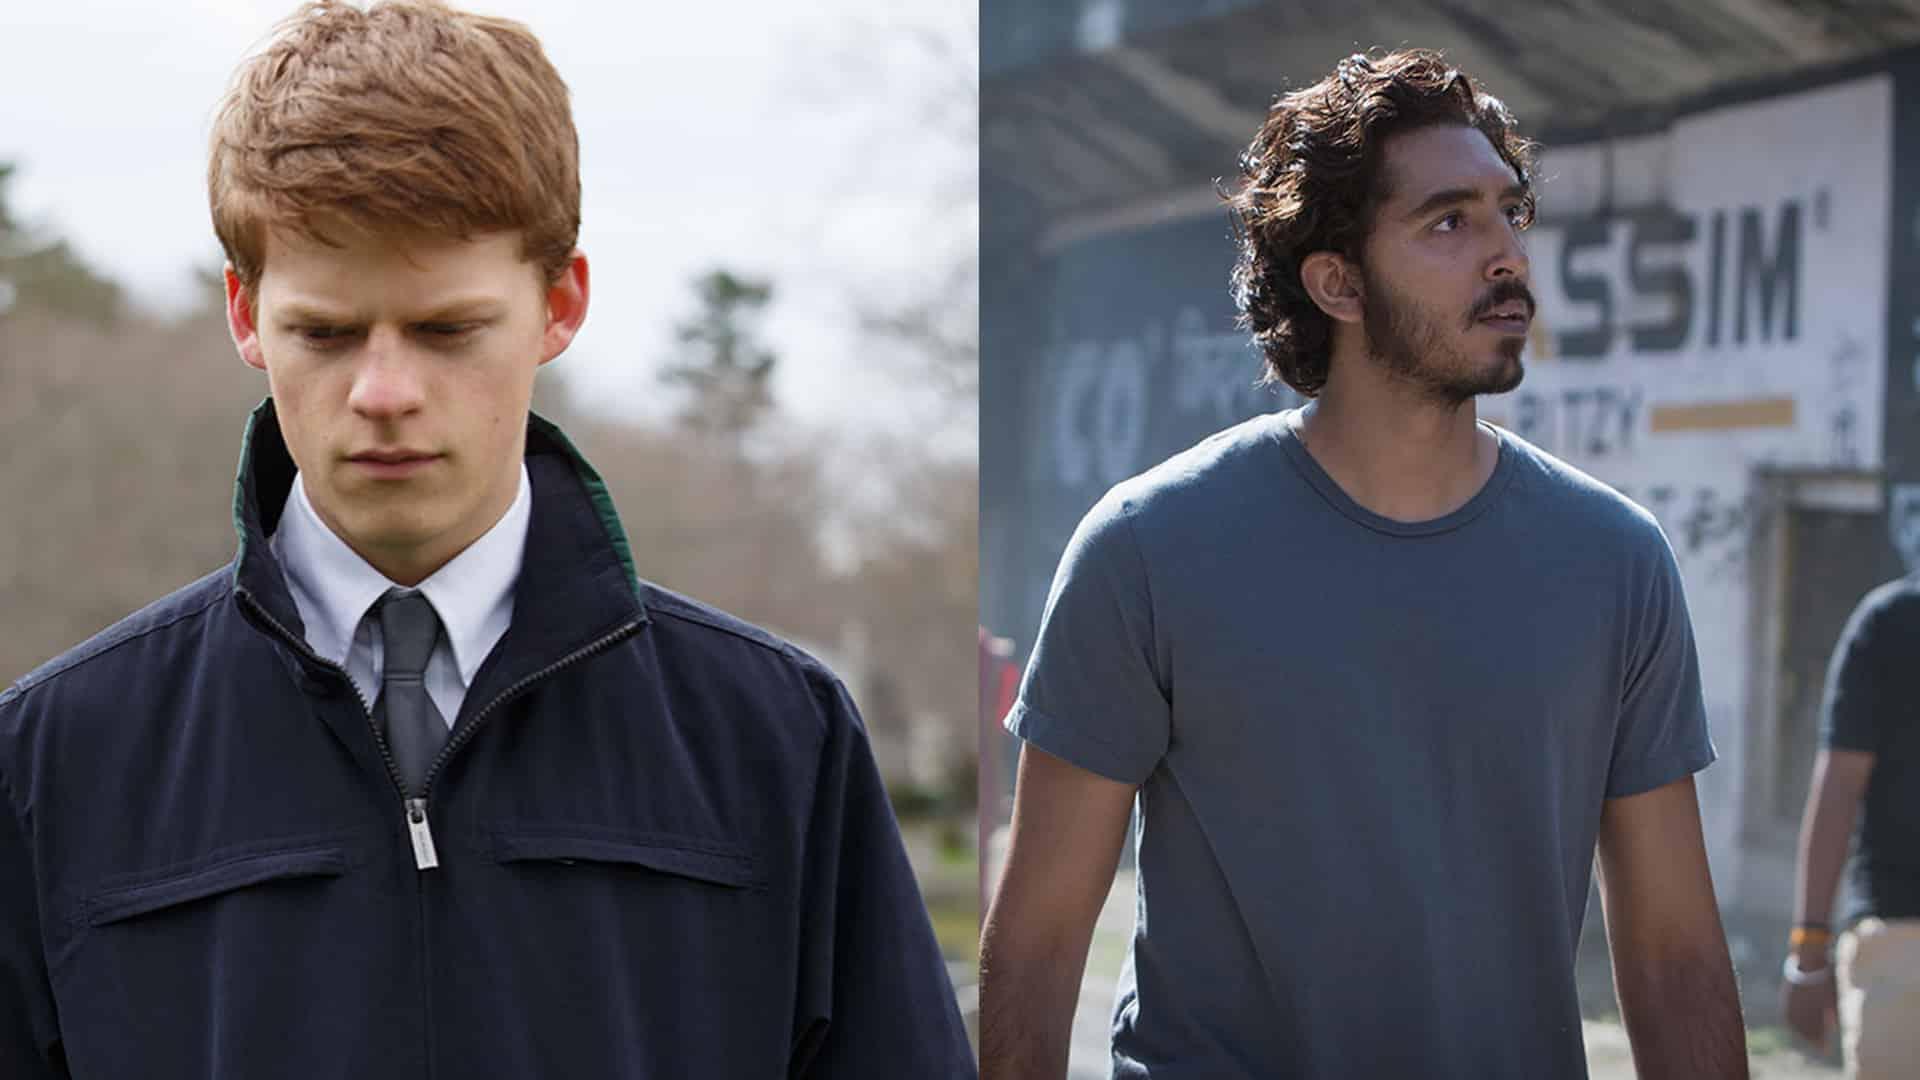 Najlepší herci vo vedľajšej roli: Lucas Hedges za Manchester by the Sea a Dev Patel za Lion